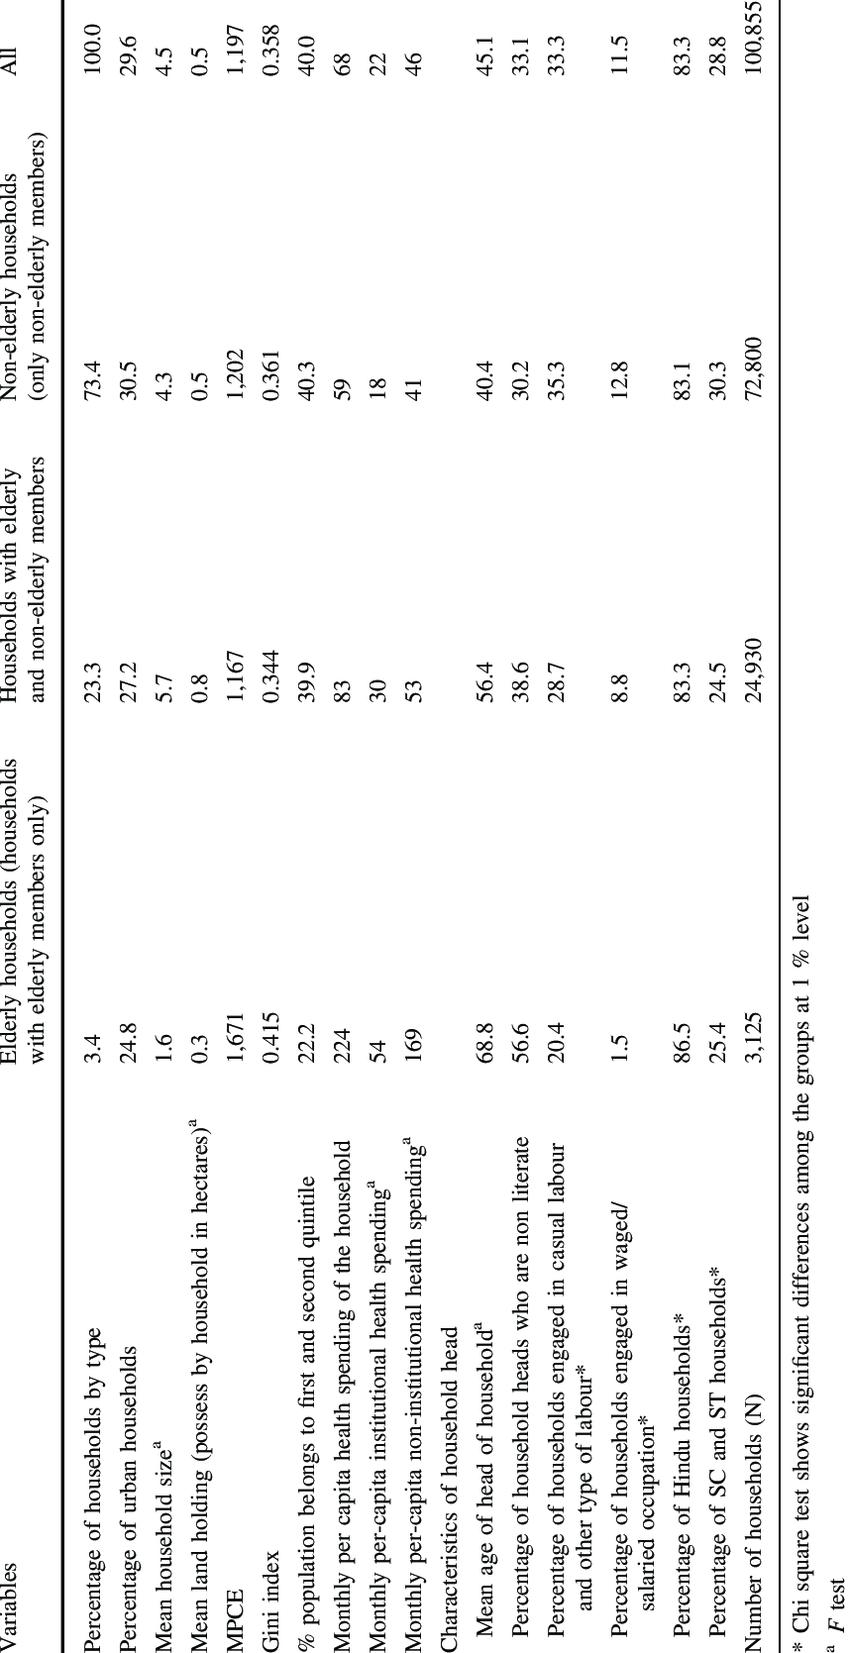 Socio-economic and demographic characteristics of elderly